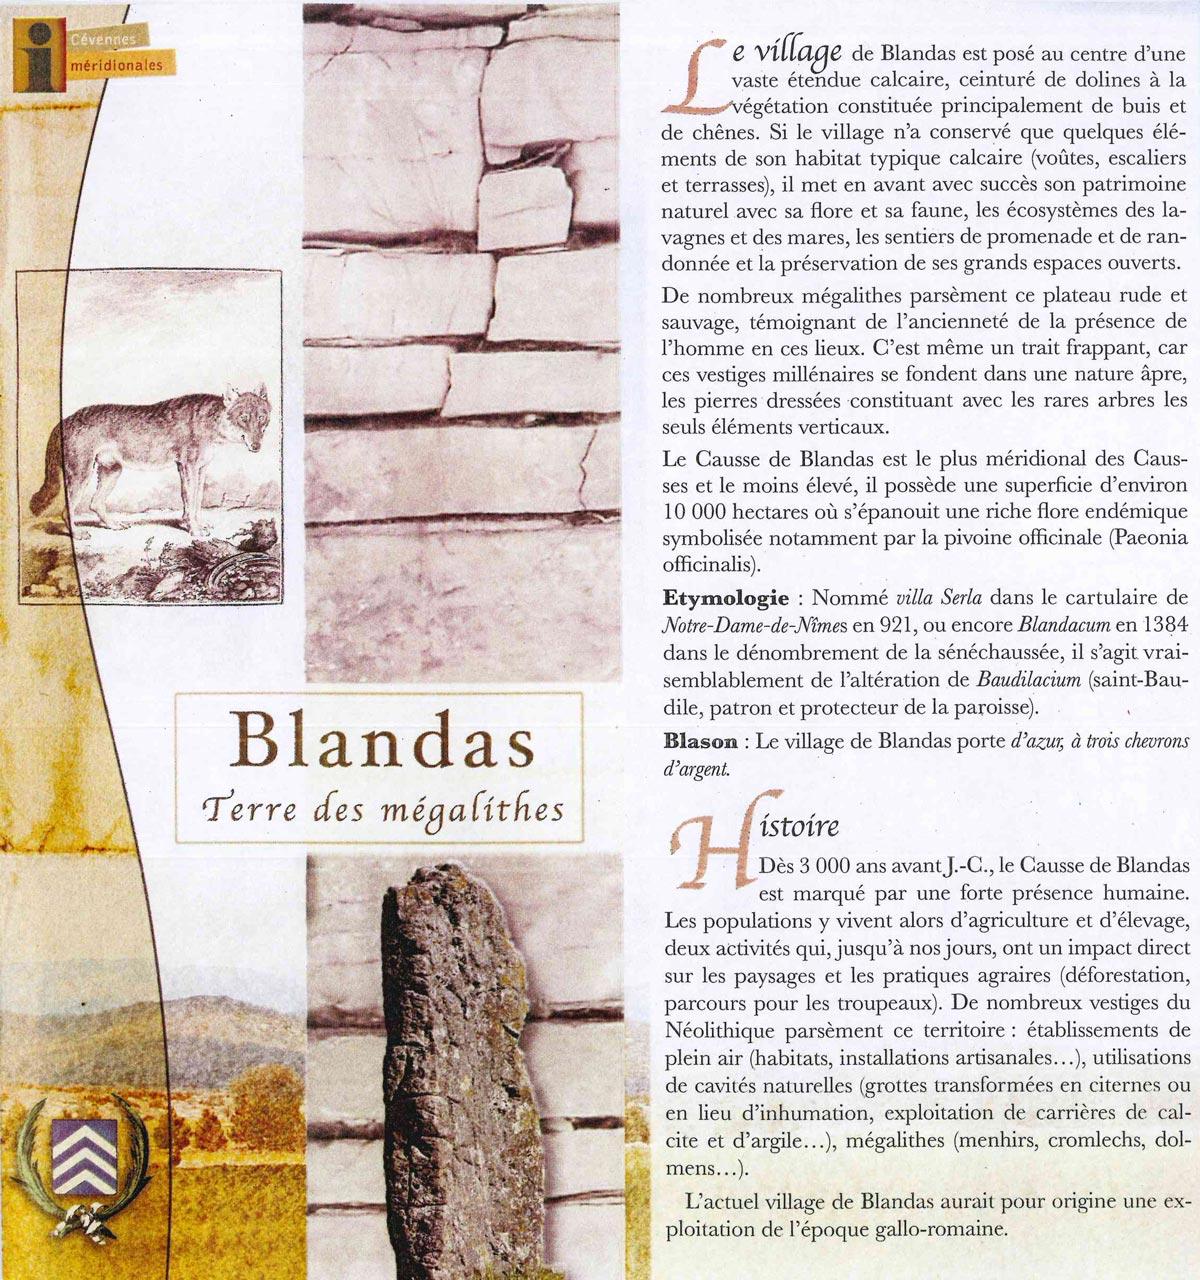 Le village de Blandas